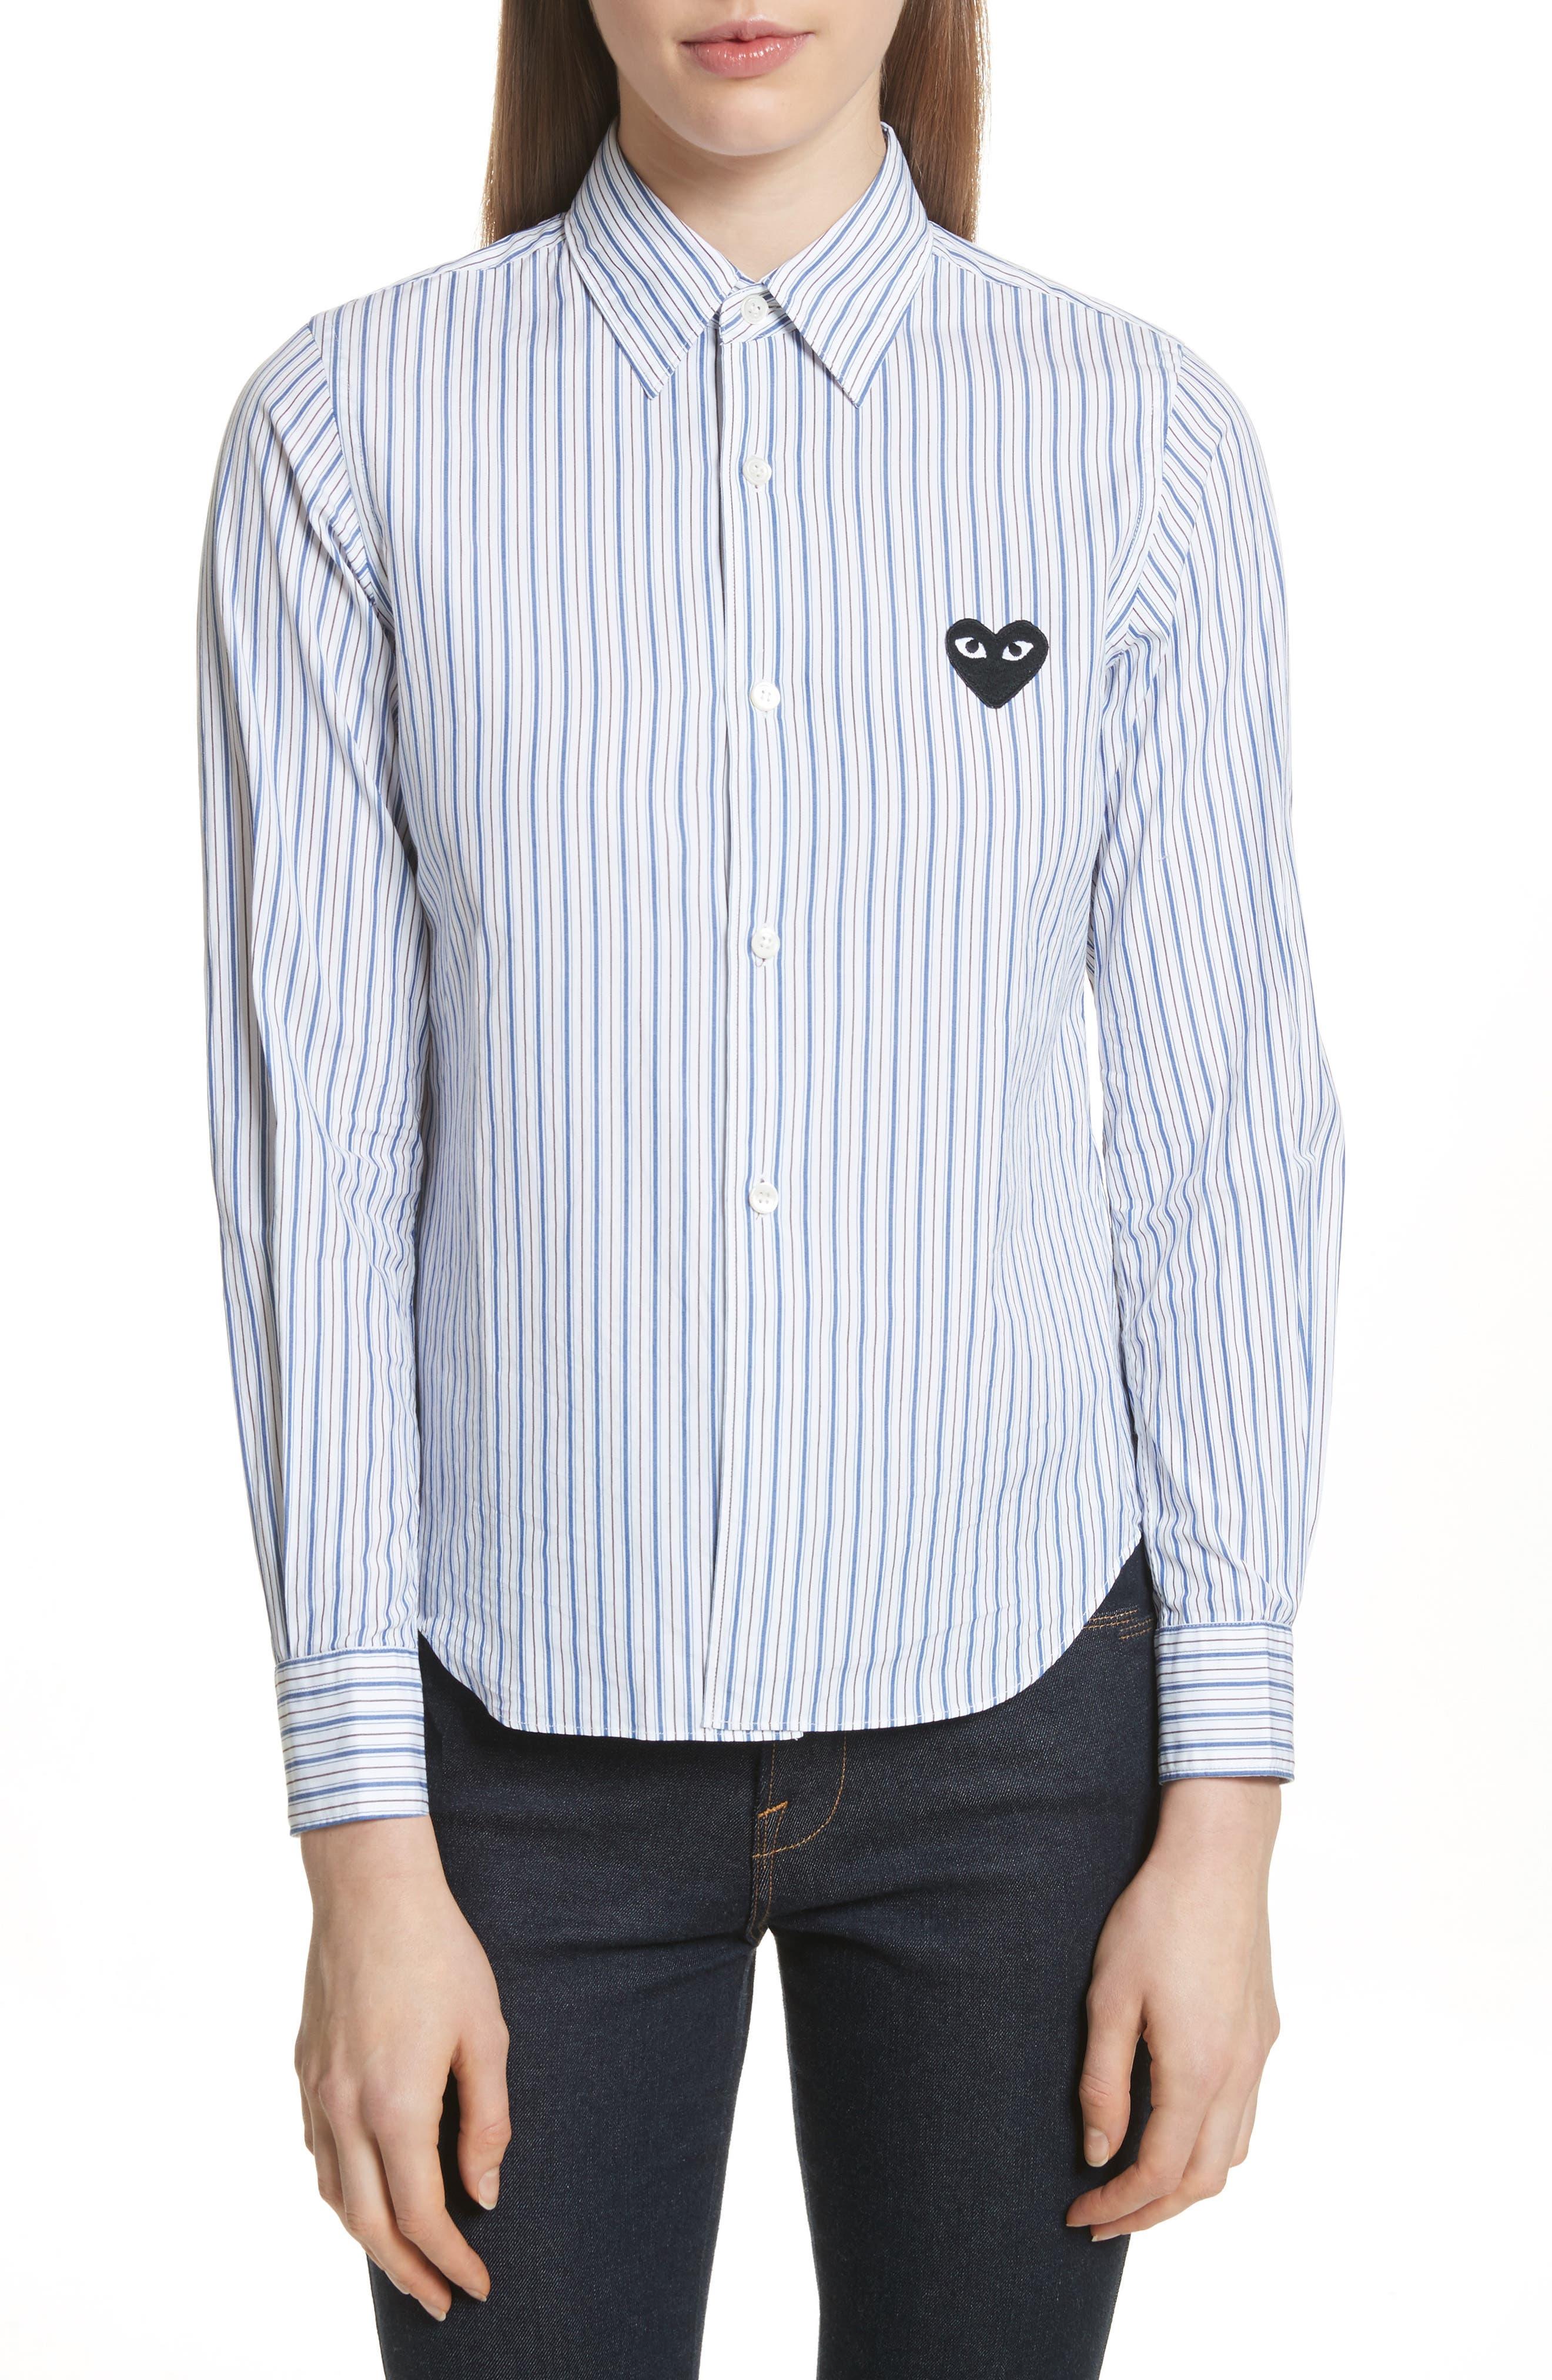 Comme des Garçons PLAY Stripe Shirt,                         Main,                         color, Blue